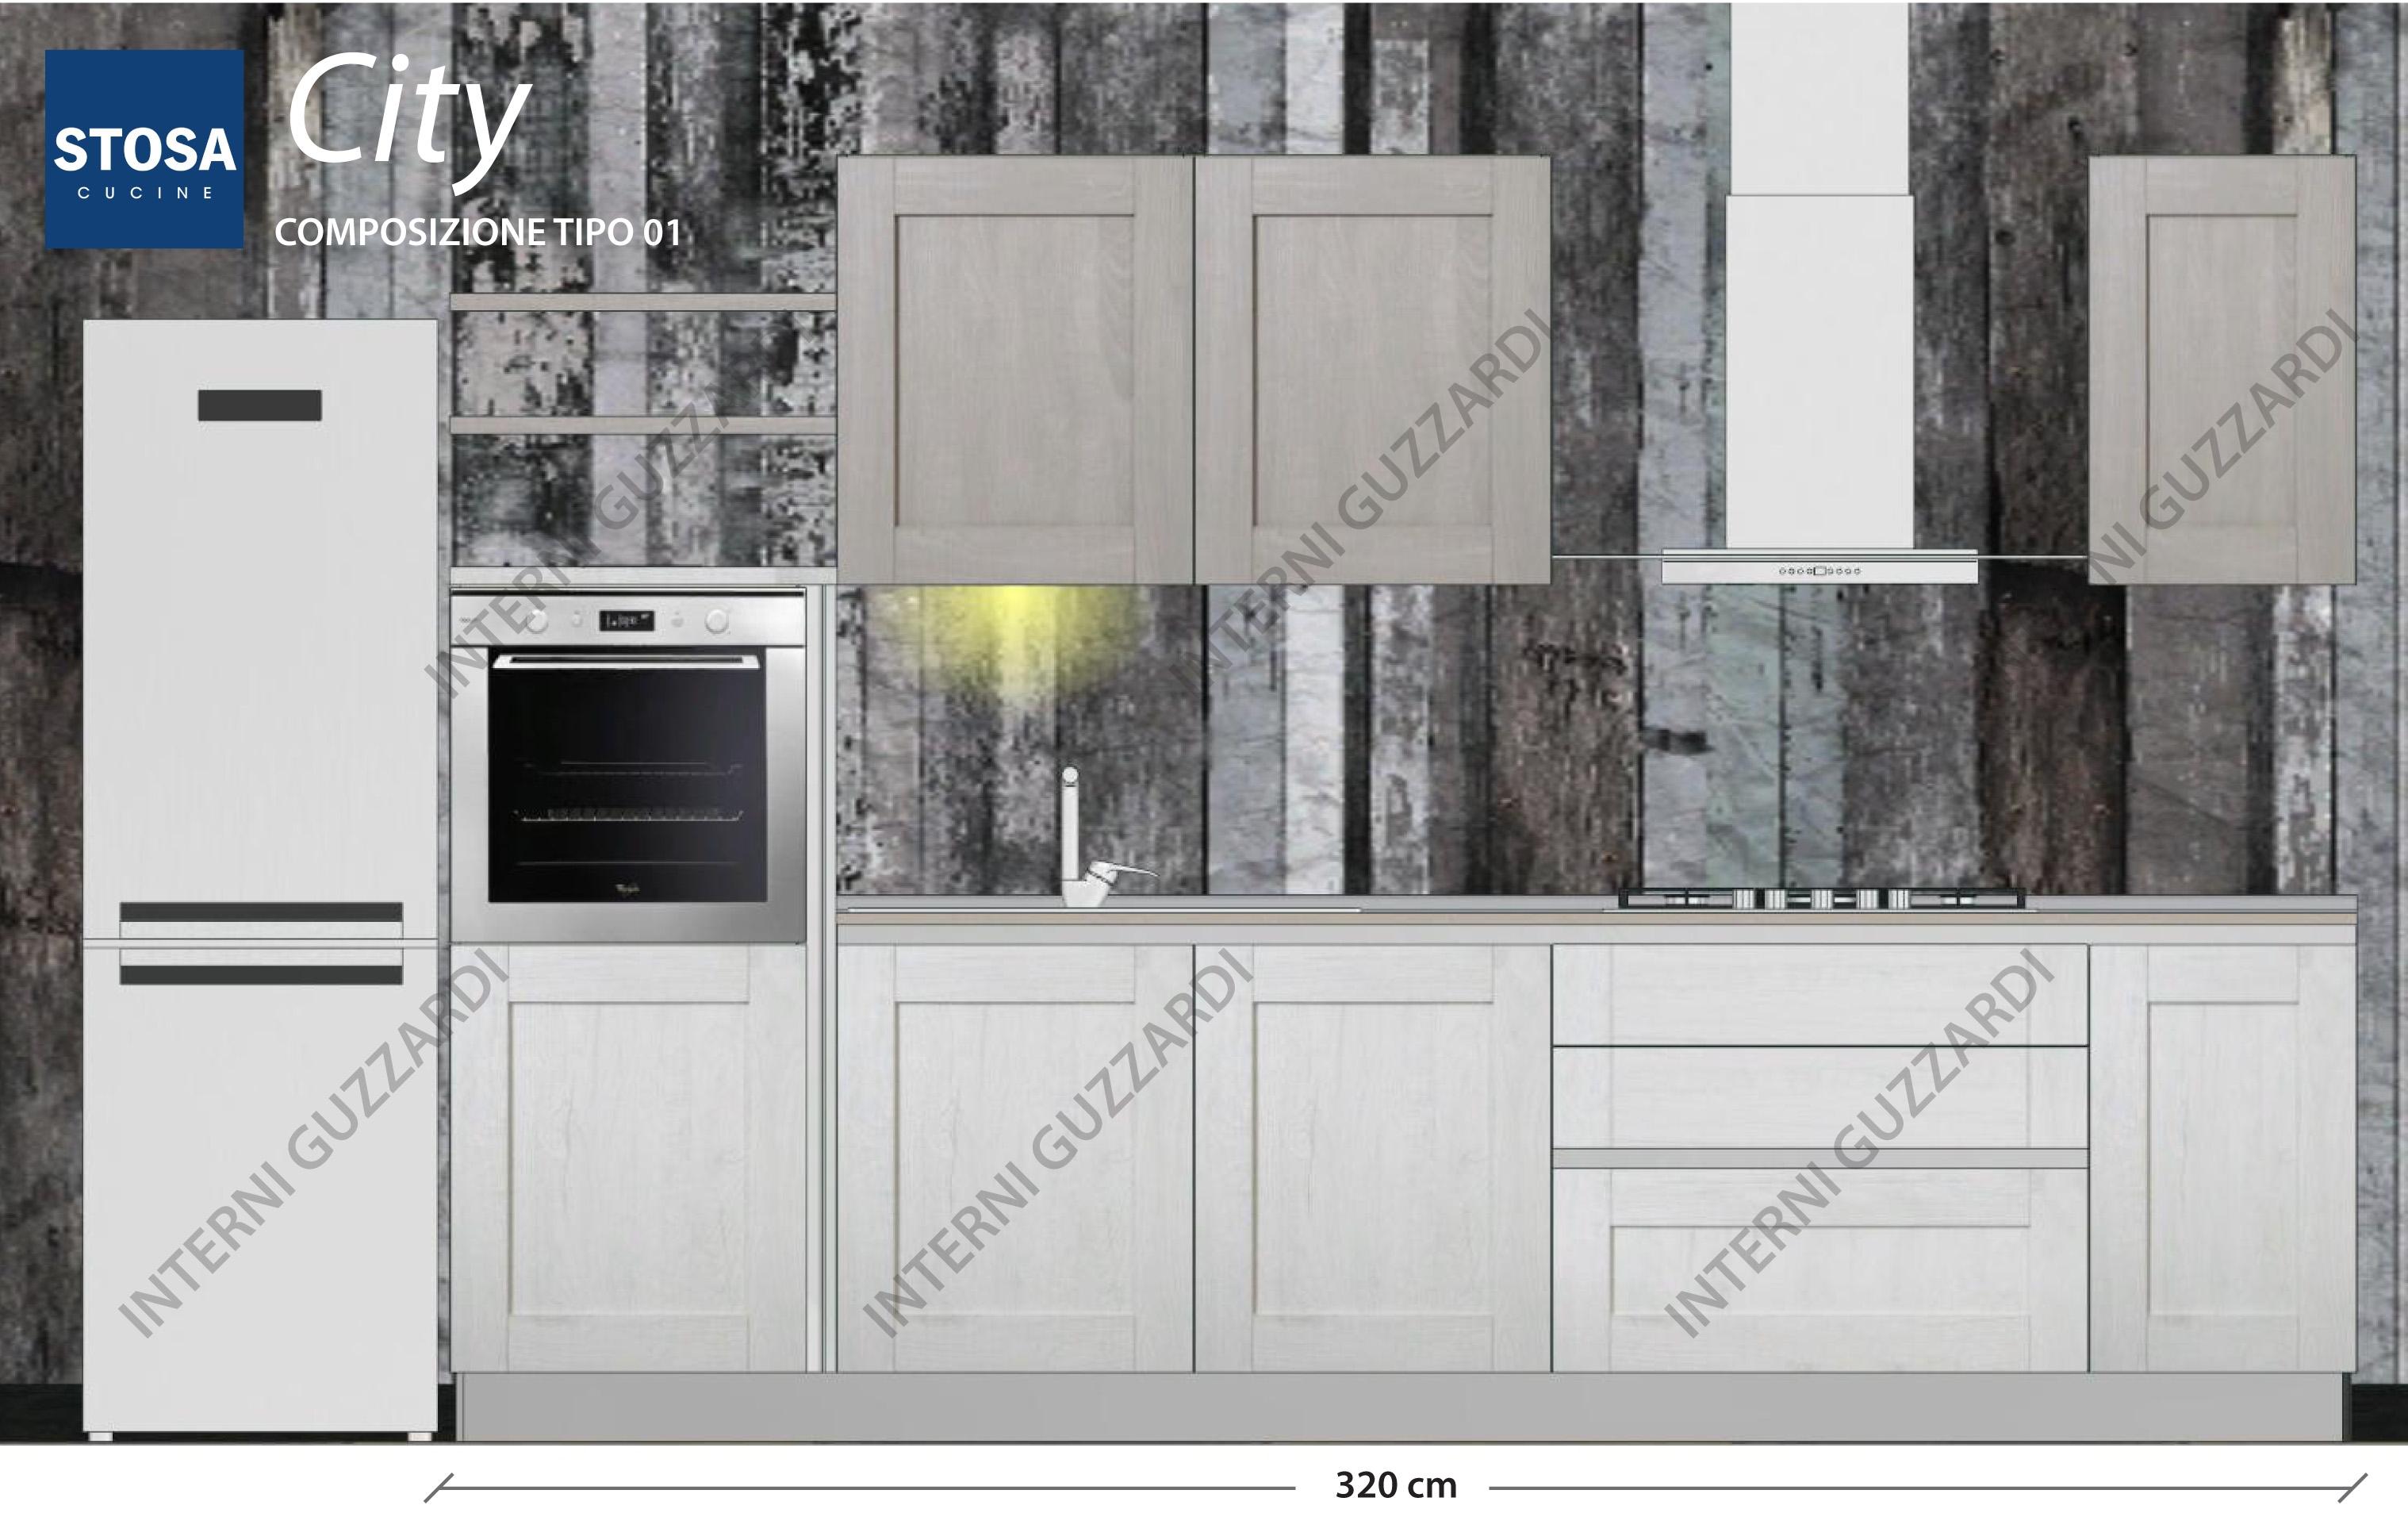 Cucina stosa cucine city composizione tipo 01 cucine a prezzi scontati - Stosa cucine prezzo ...